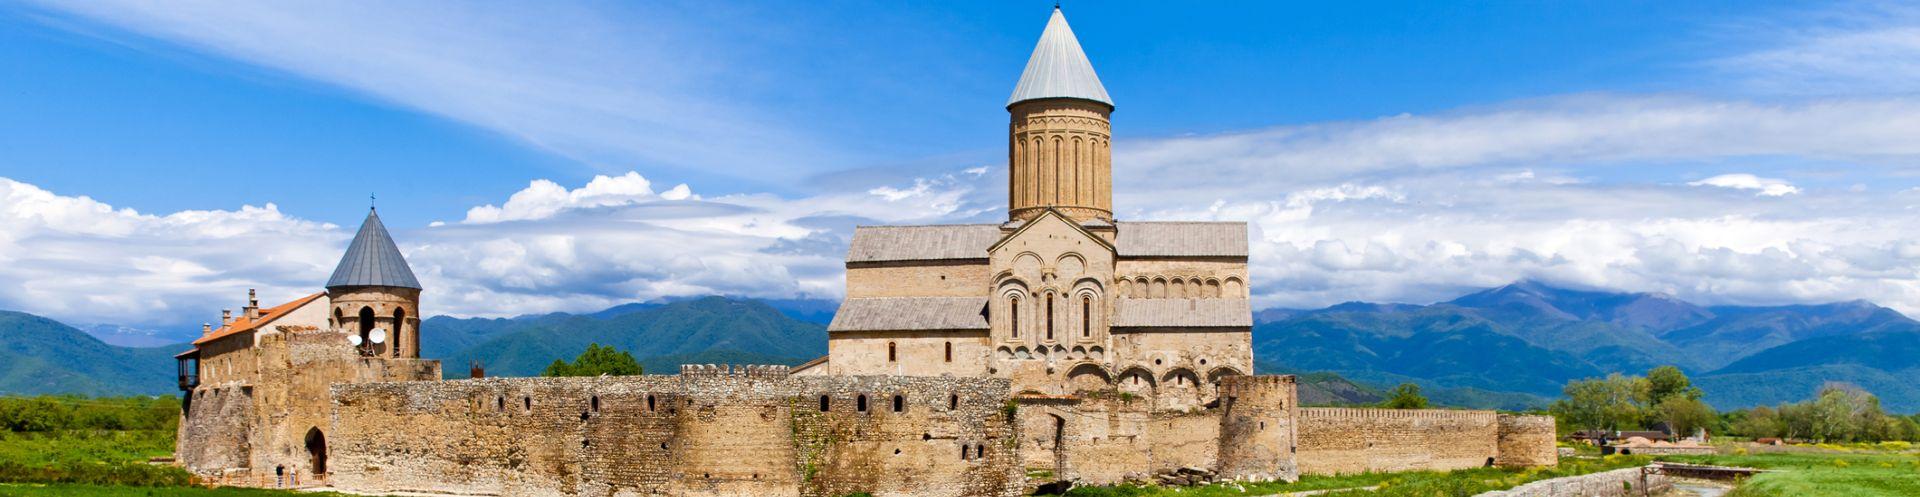 טיול במסלול מושלם לגאורגיה כולל הרי הקווקז עם רכבי  שטח